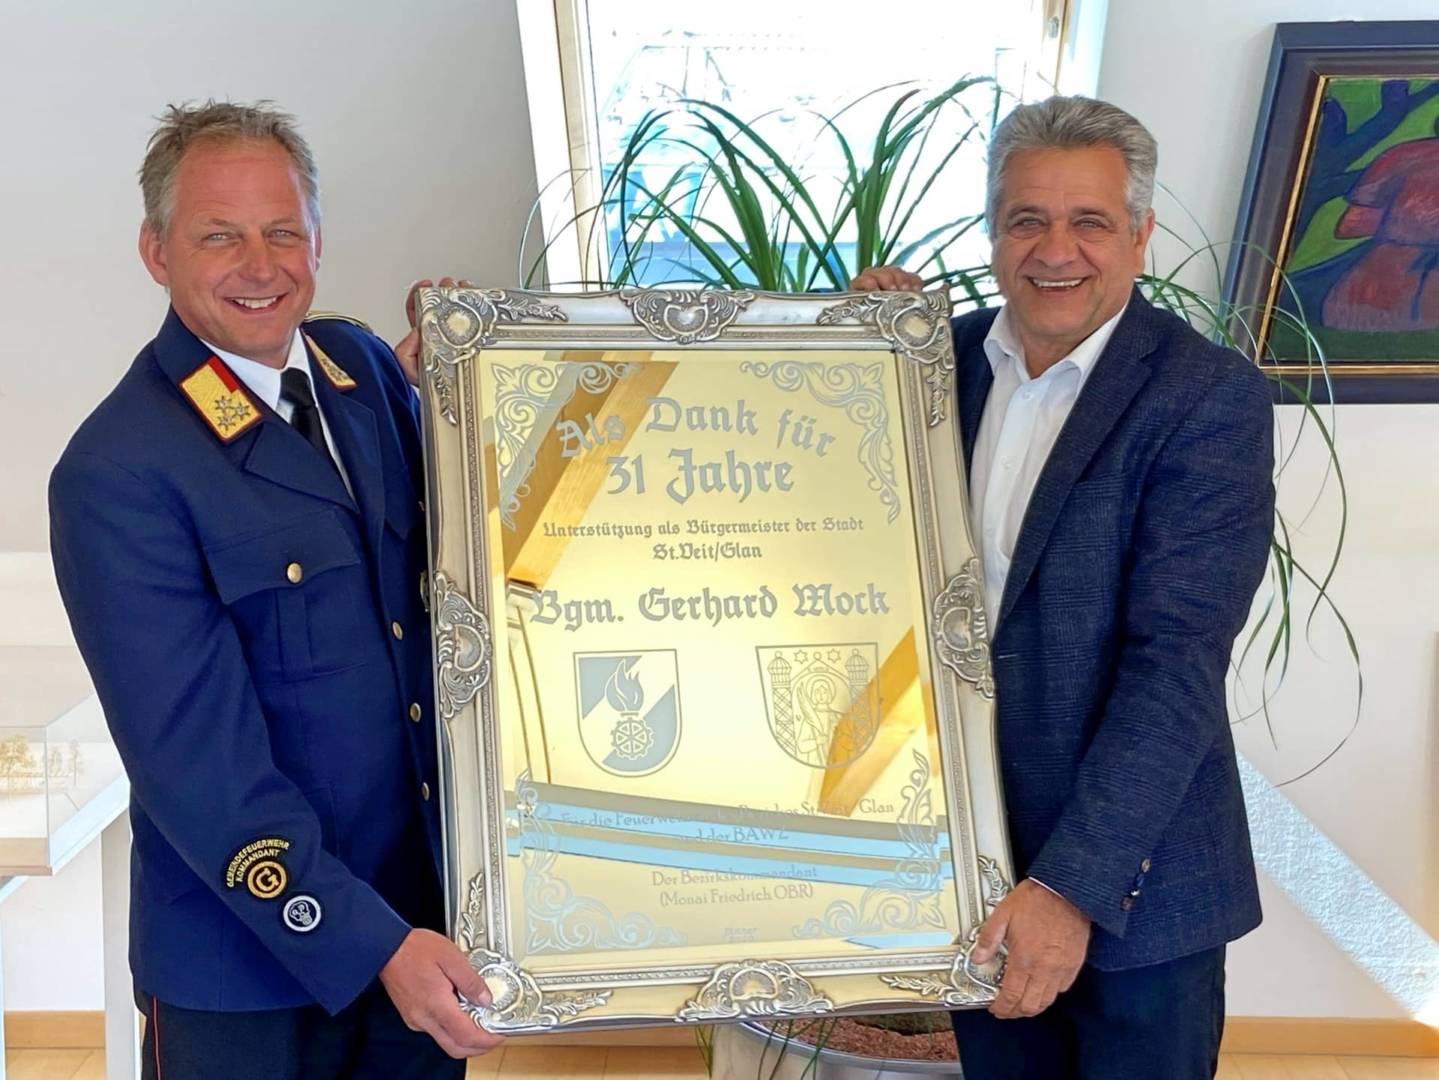 Dank des Feuerwehrbezirkes St. Veit an Bgm. a.D. Gerhard Mock